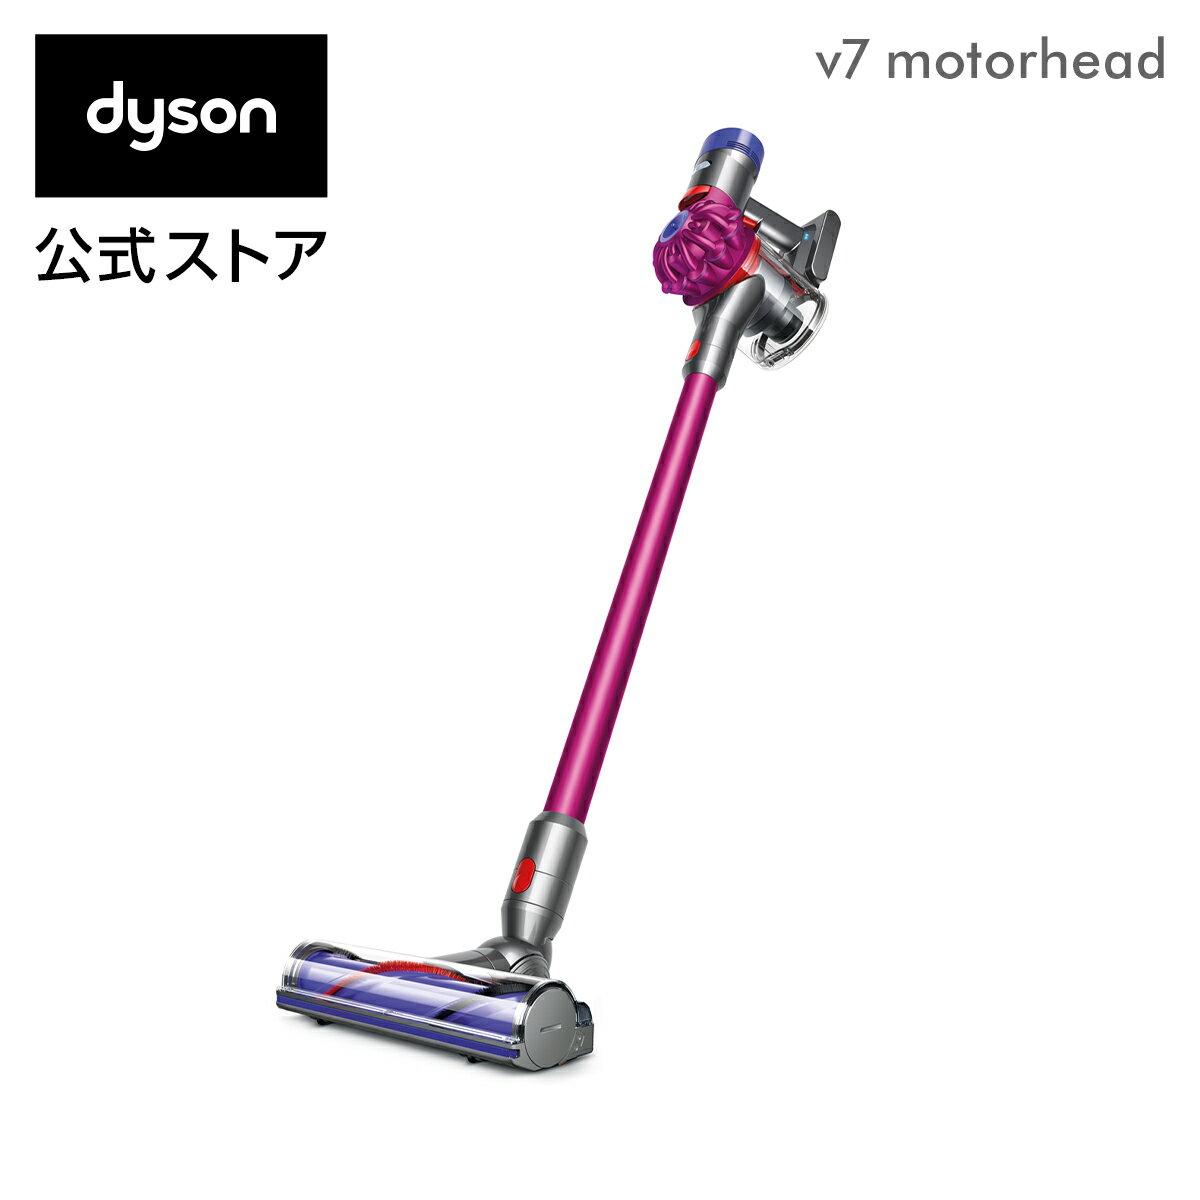 【期間限定】ダイソン Dyson V7 Motorhead サイクロン式 コードレス掃除機 dyson SV11ENT 2018年モデル